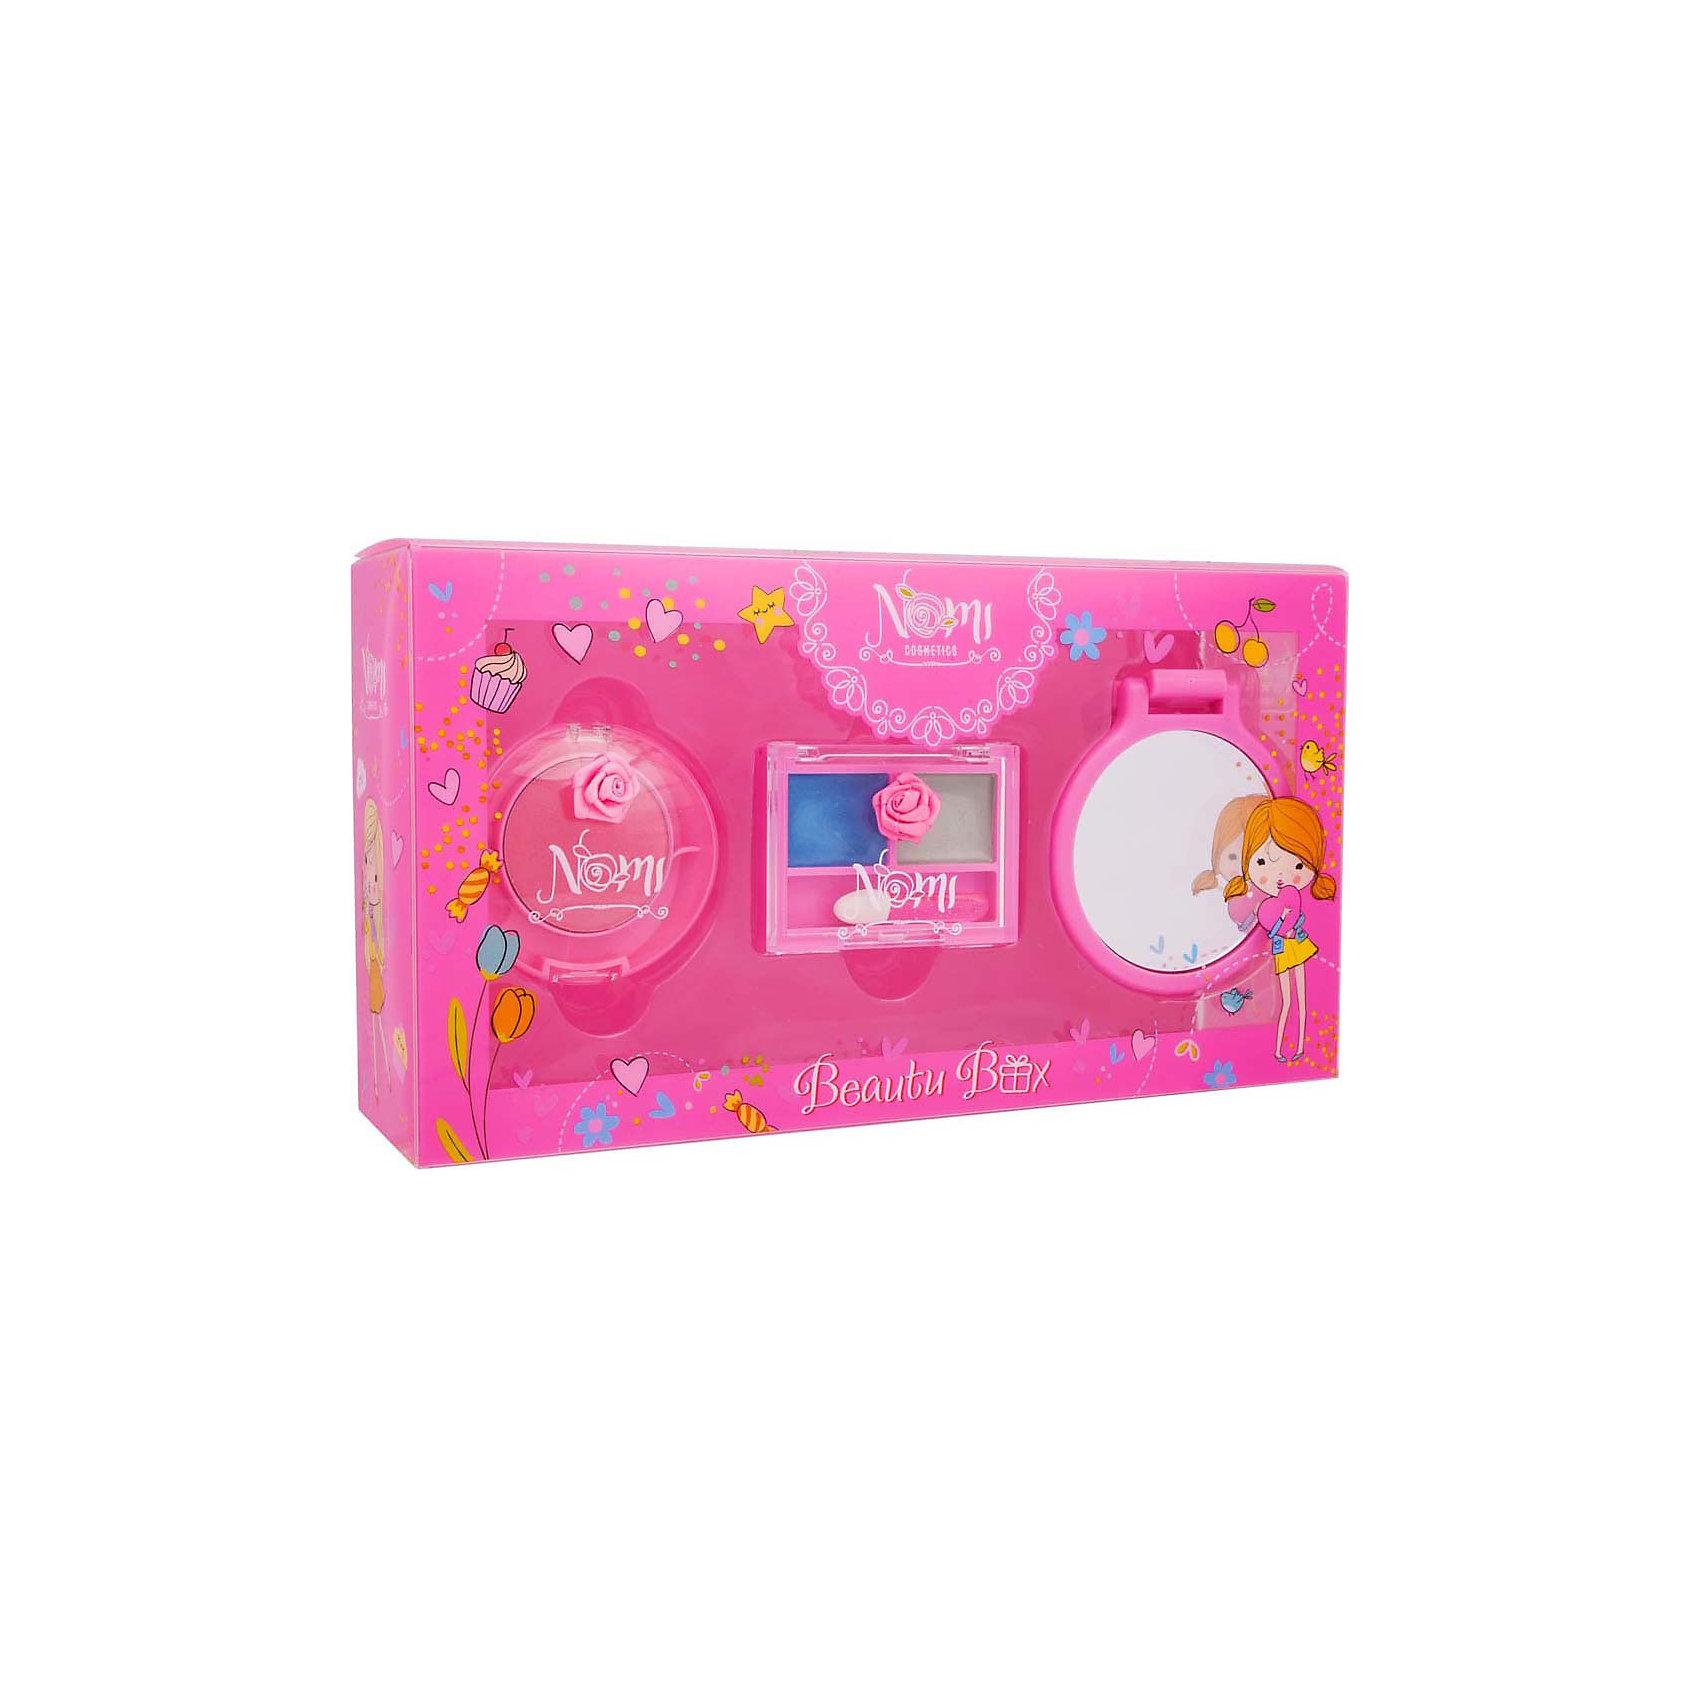 Подарочный набор декоративной косметики Nomi по цене 872